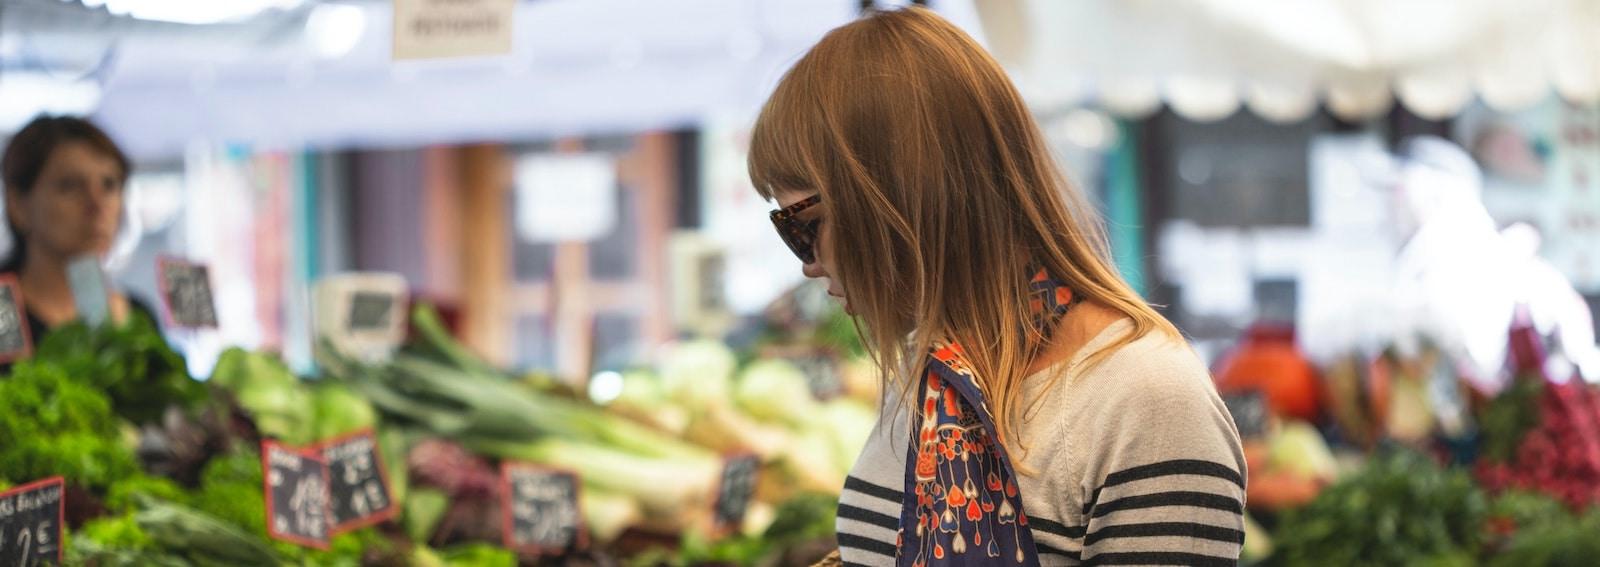 mercato spesa verdura